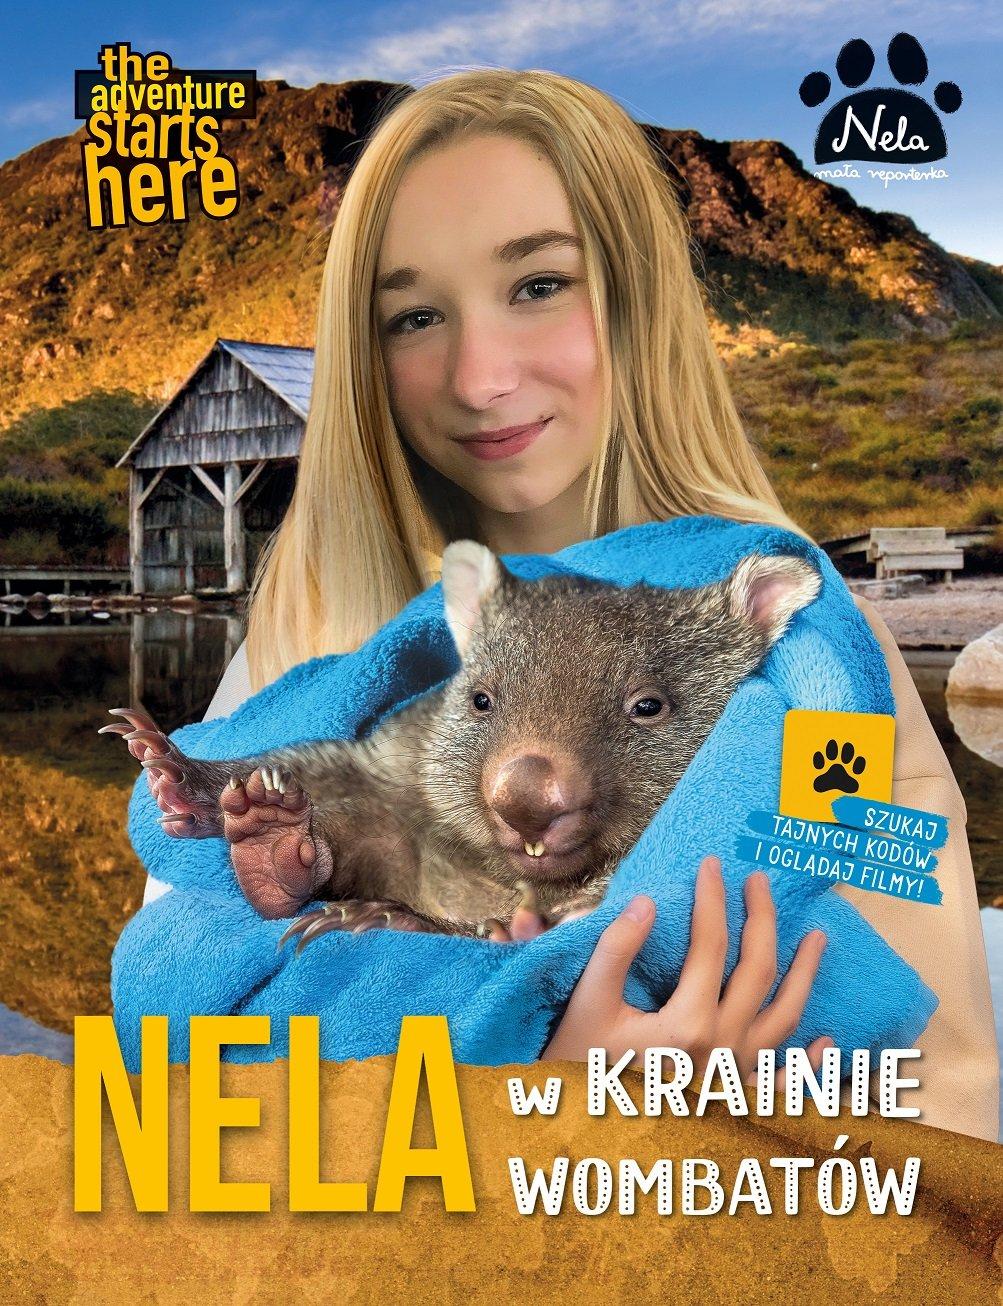 Nowa książka Neli dostępna w przedpremierze